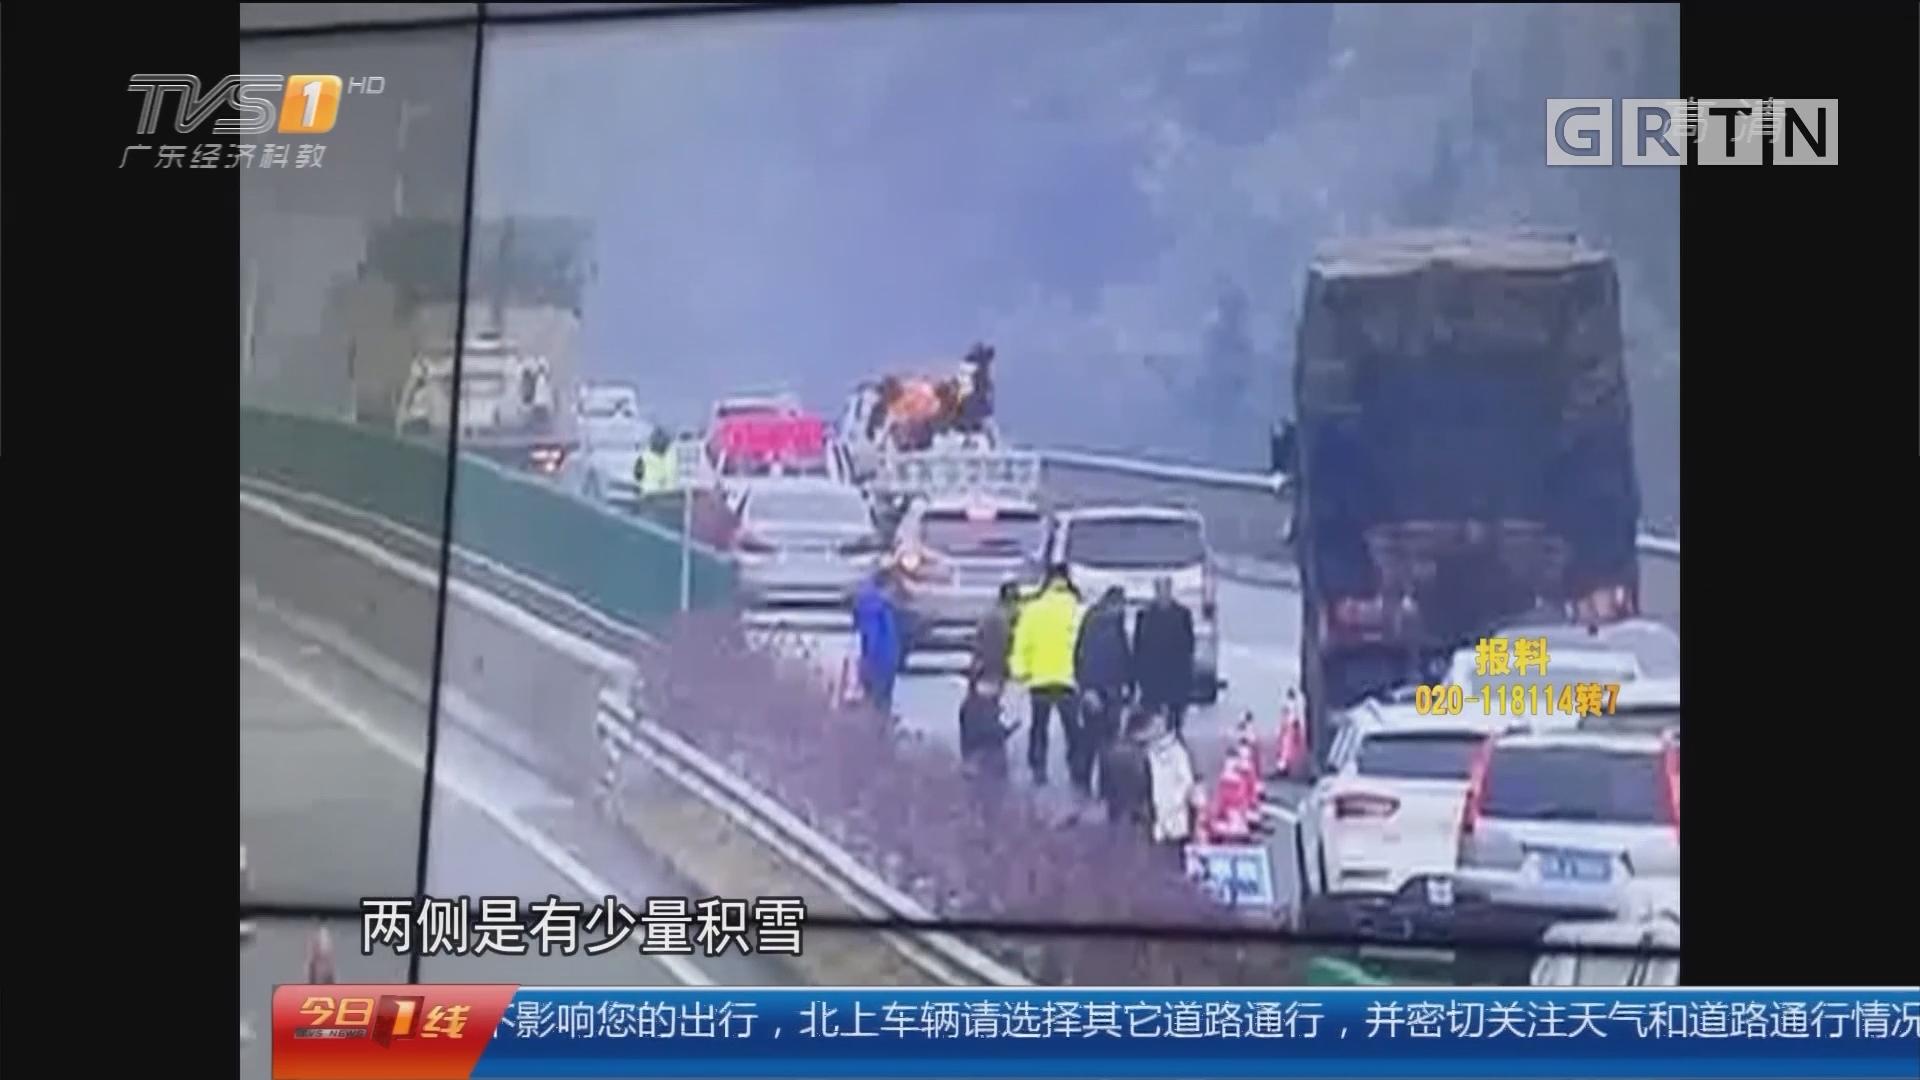 清远连州:二广高速遭风雪袭击 交通一度受阻